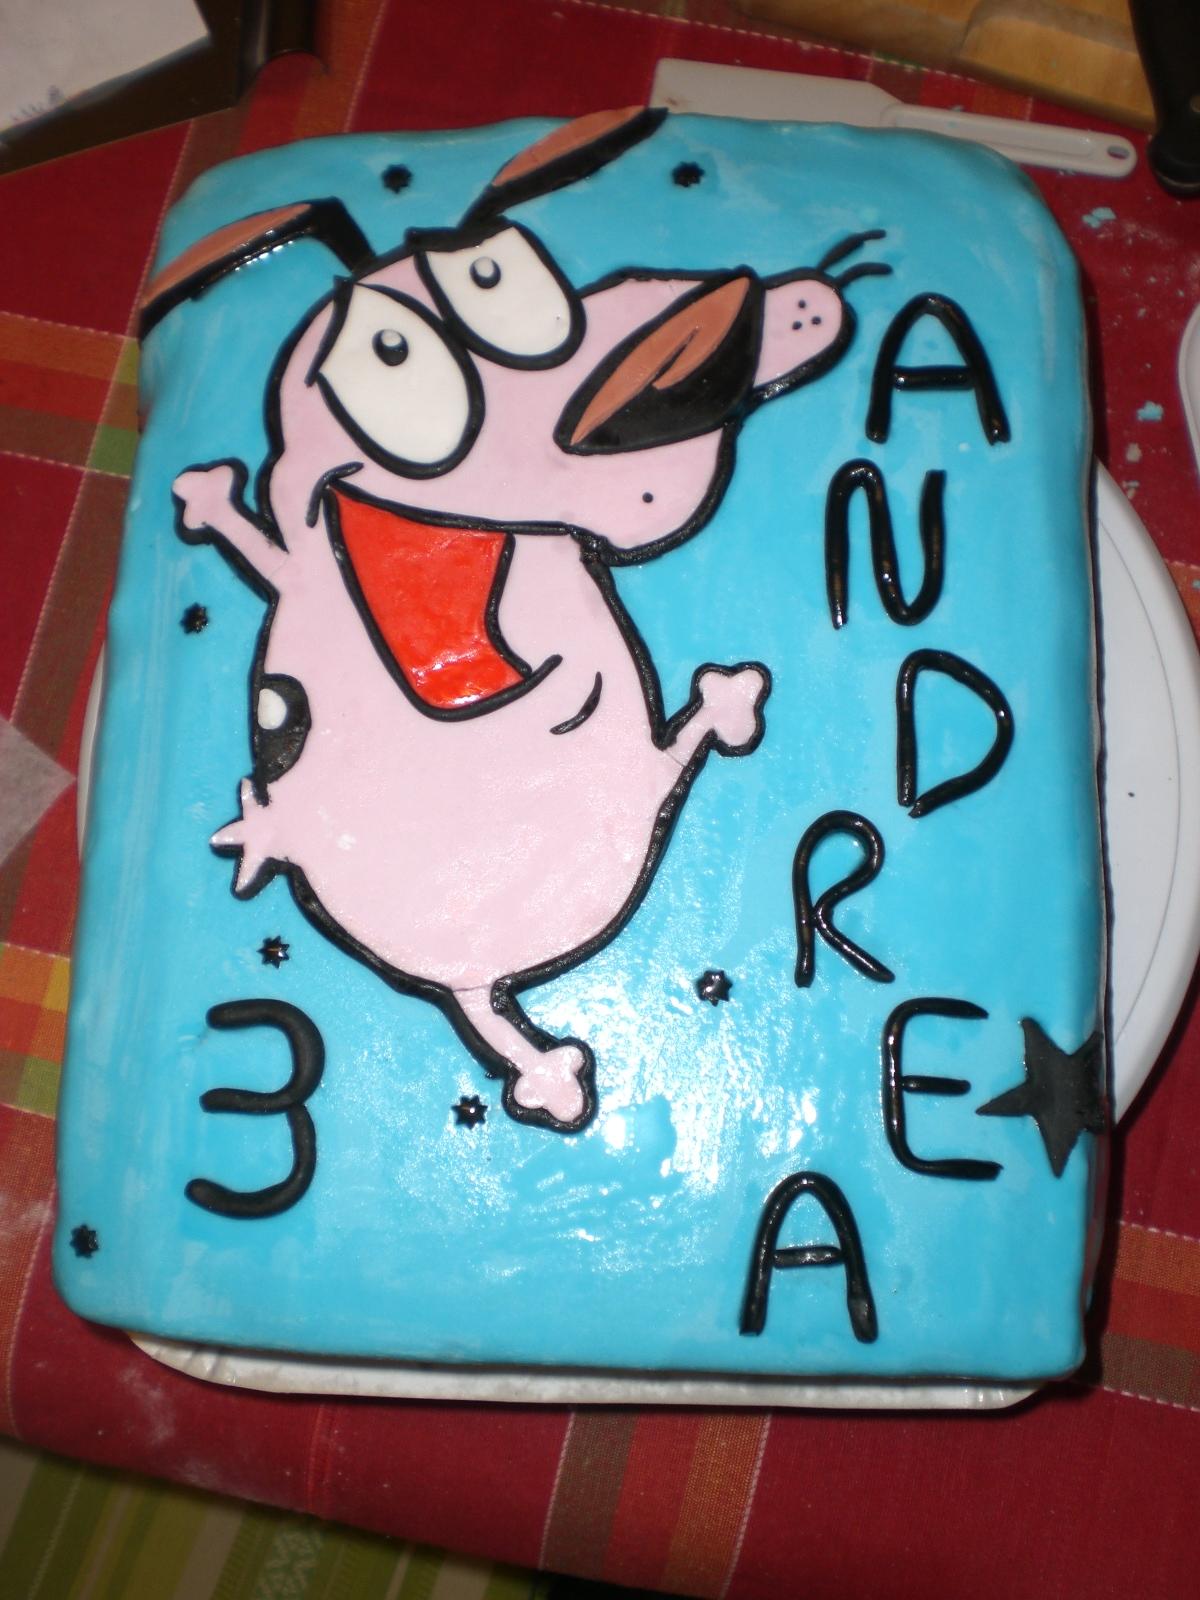 I Love Cake Design Fiorella : Cake Design di Fiorella: Leone Cane Fifone per i 3 anni di ...